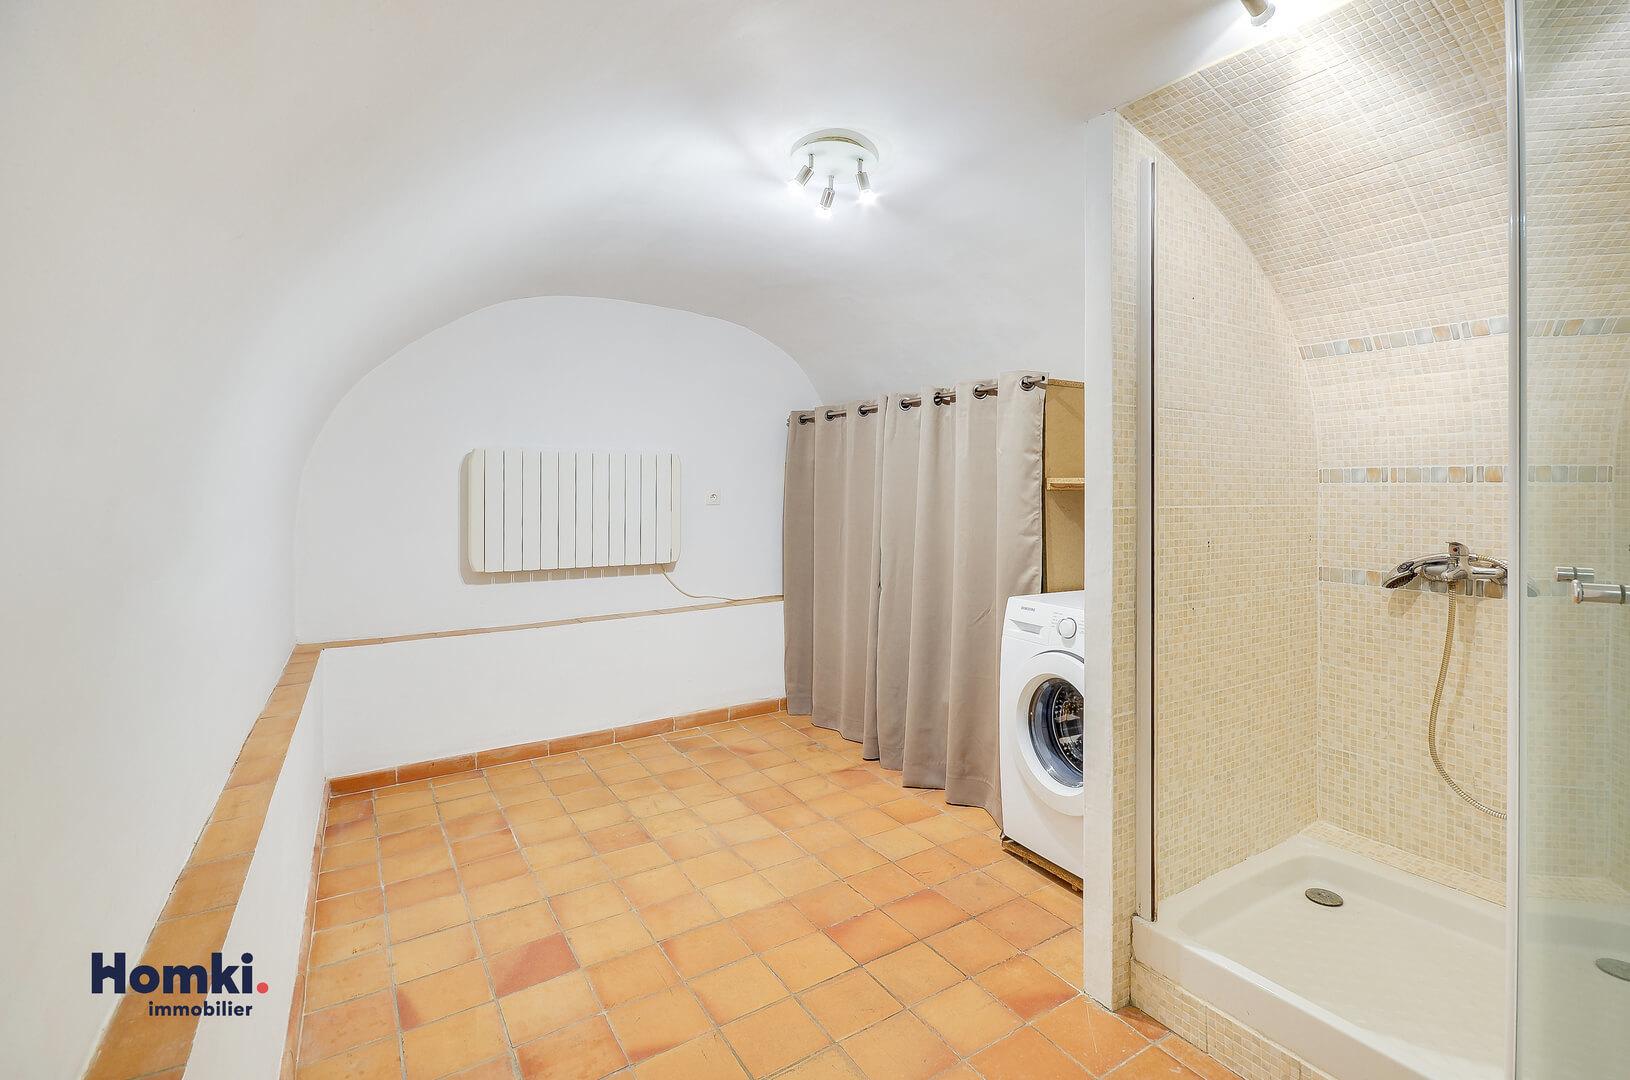 Vente Maison 70 m² T3 13290 Aix en Provence_11